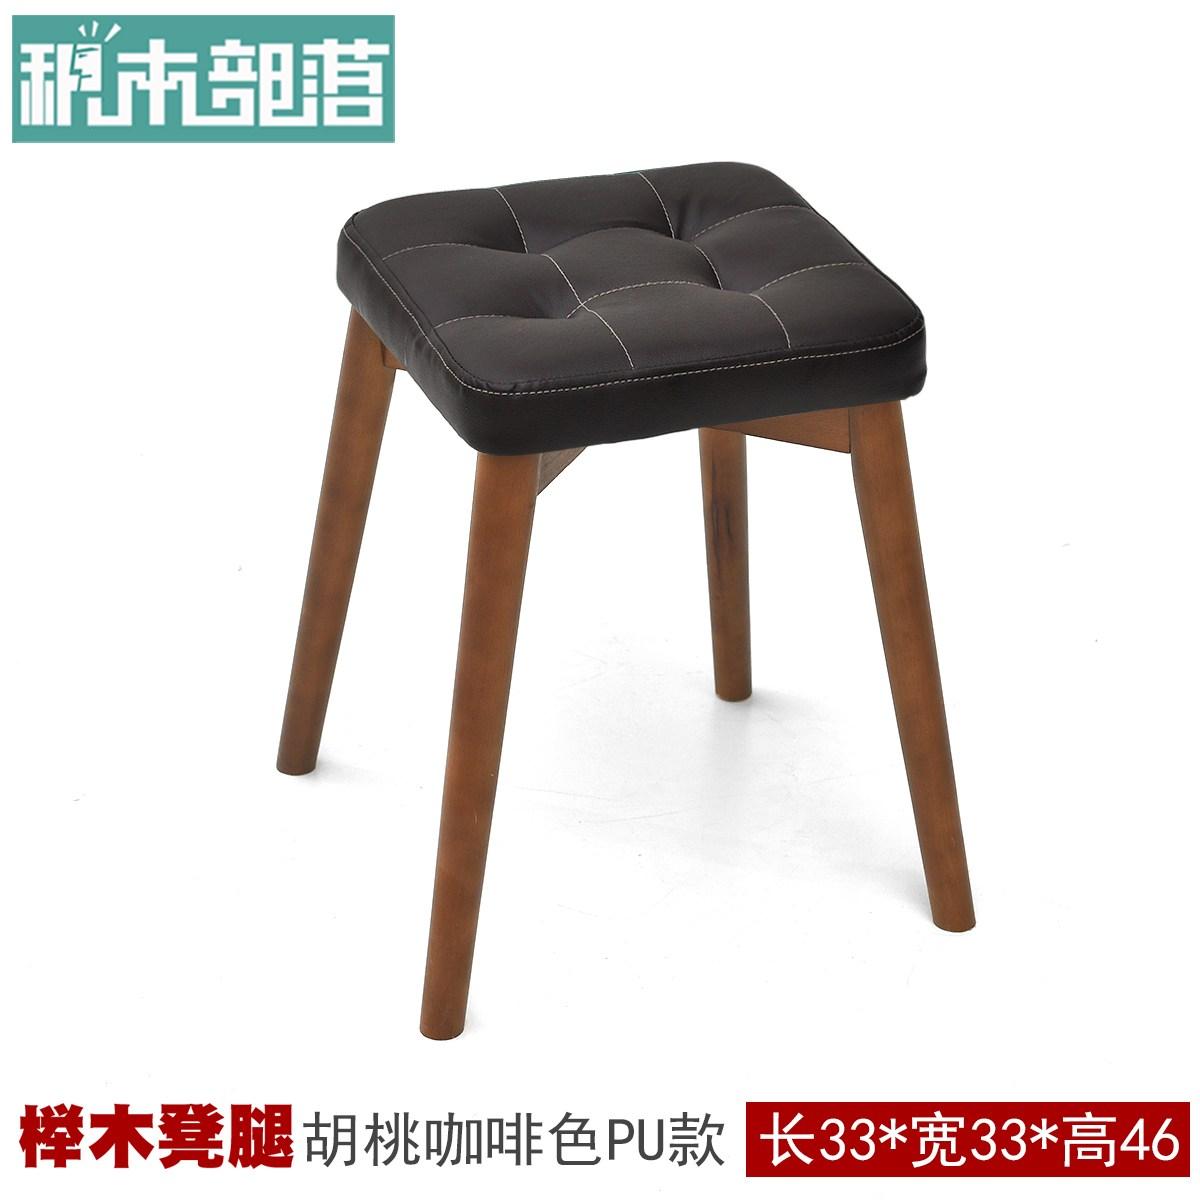 스툴 쌓기놀이 부락 아이디어 원목 등받이없는식탁의자 사각의자 패브릭 화장대의자 패션 가정용 의자, T14-월넛 PU커피색